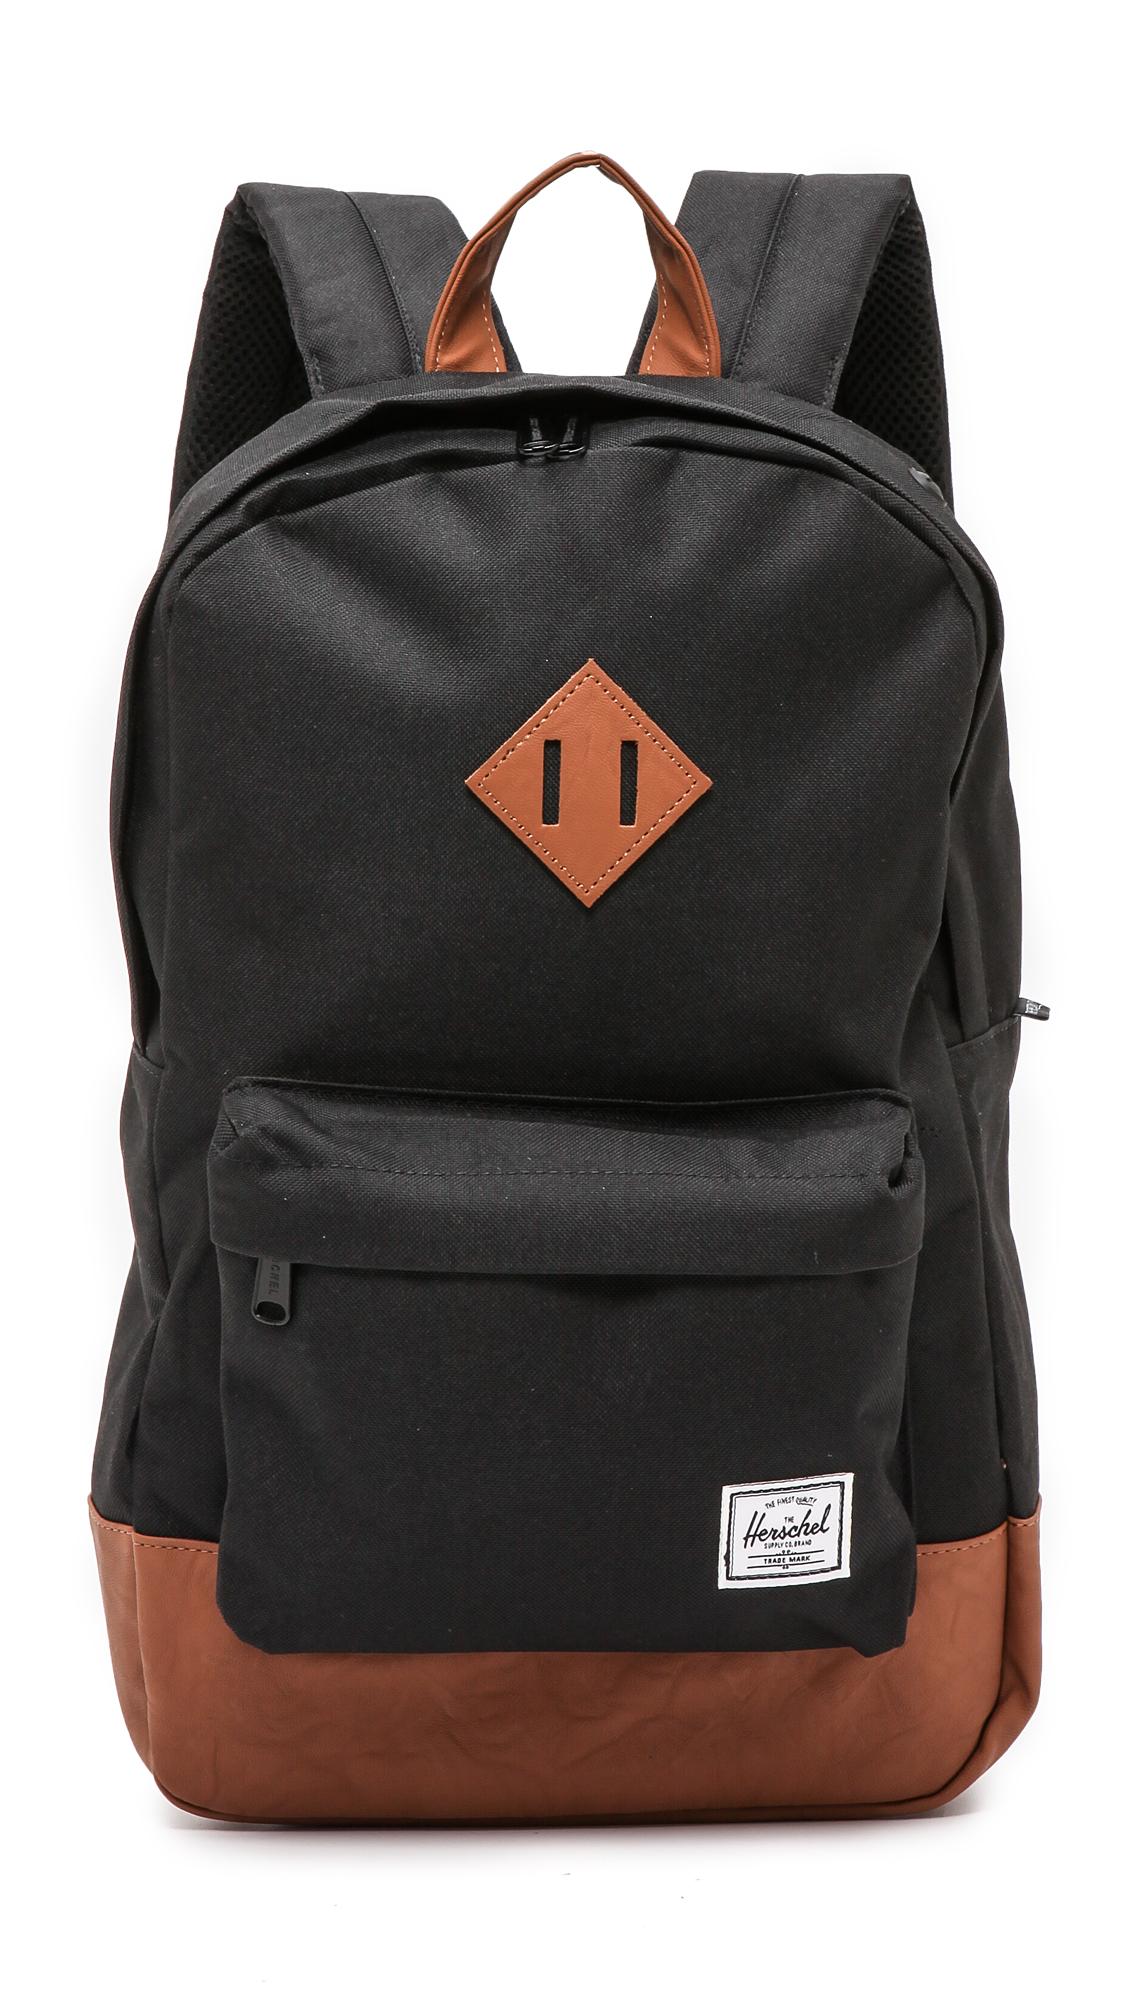 HERSCHEL SUPPLY CO. 'Heritage Mid Volume' Backpack in Black